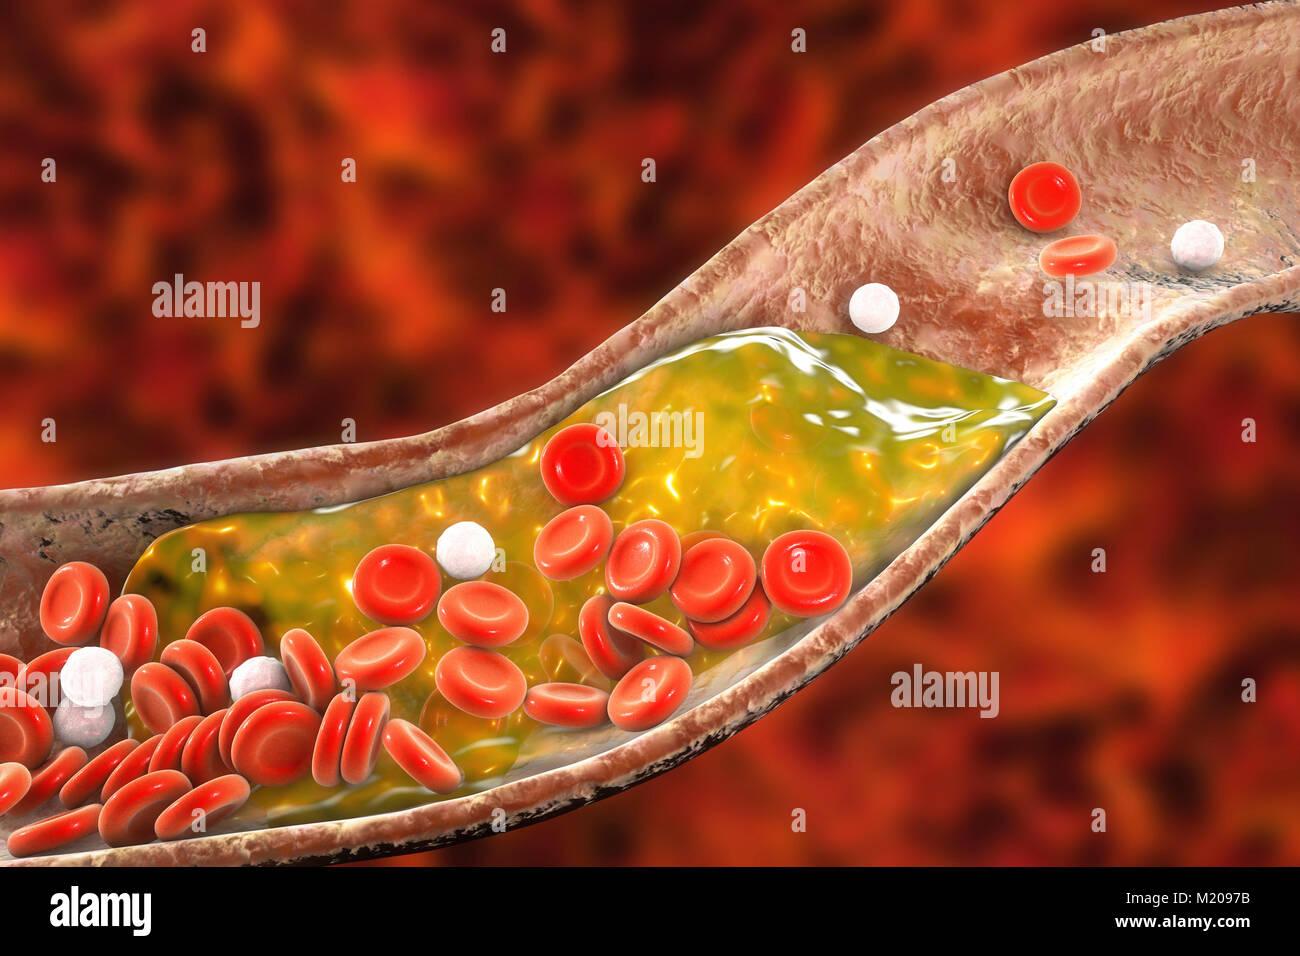 Placa de ateroma dentro de los vasos sanguíneos, el equipo ilustración. Un ateroma colesterol está causando un estrechamiento Foto de stock